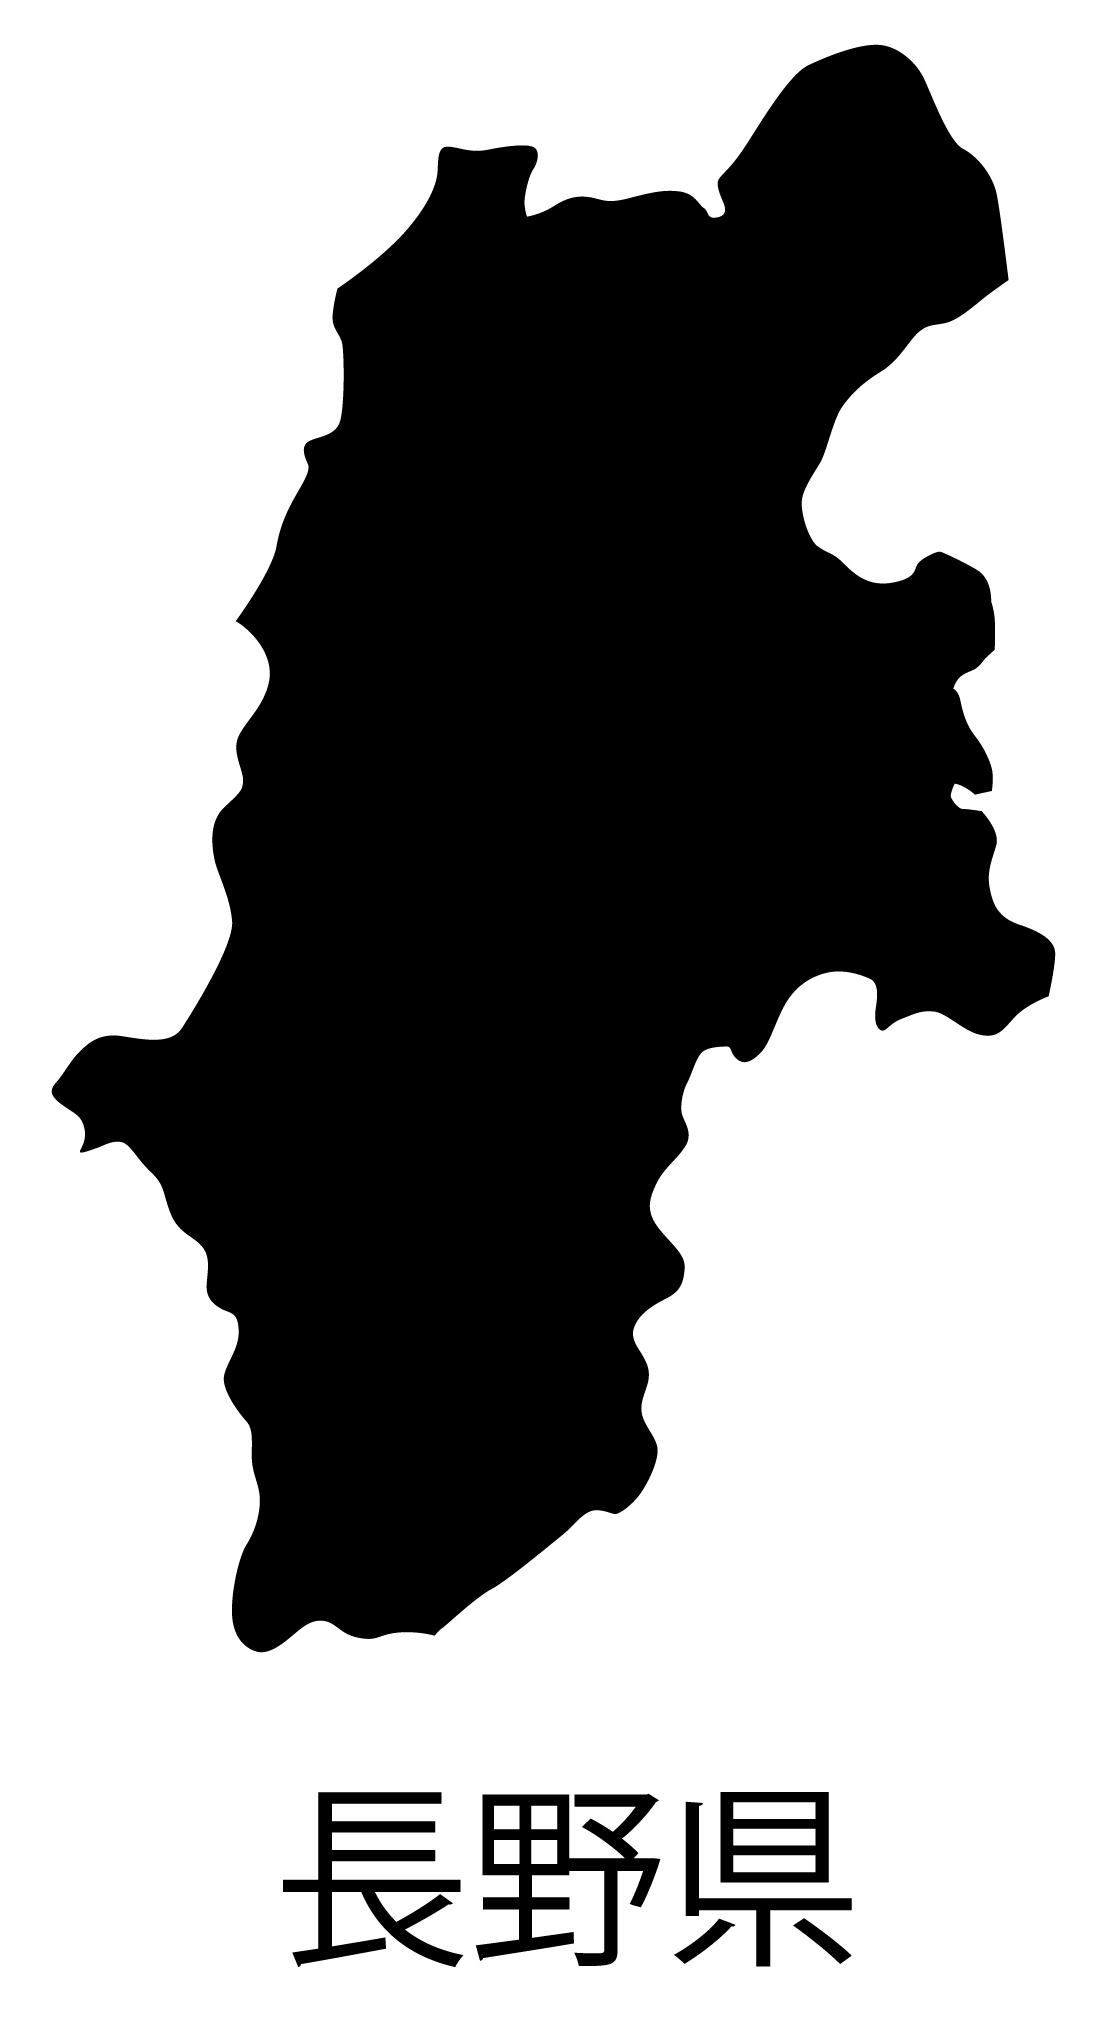 長野県無料フリーイラスト|日本語・都道府県名あり(黒)